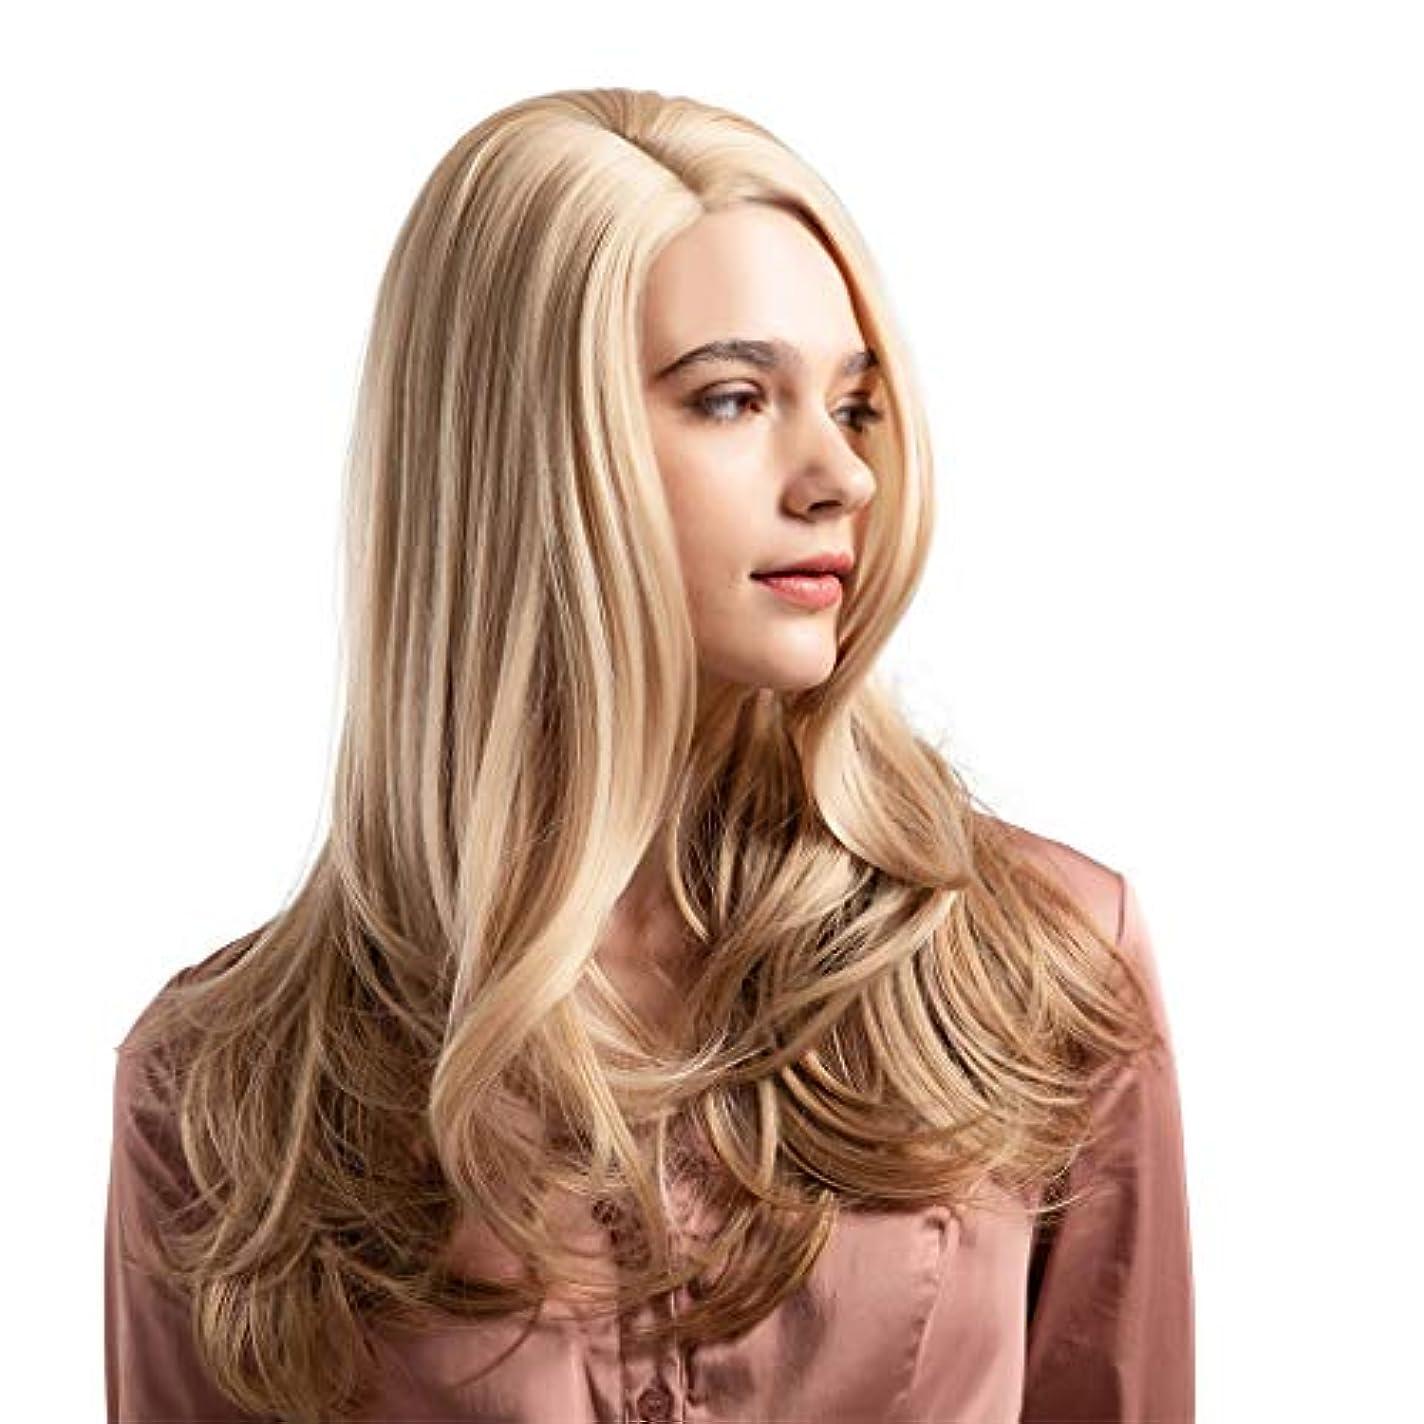 緊急ふつうマサッチョウィッグ女性黄金の大きな波状の巻き毛の高温シルクウィッグ22インチ